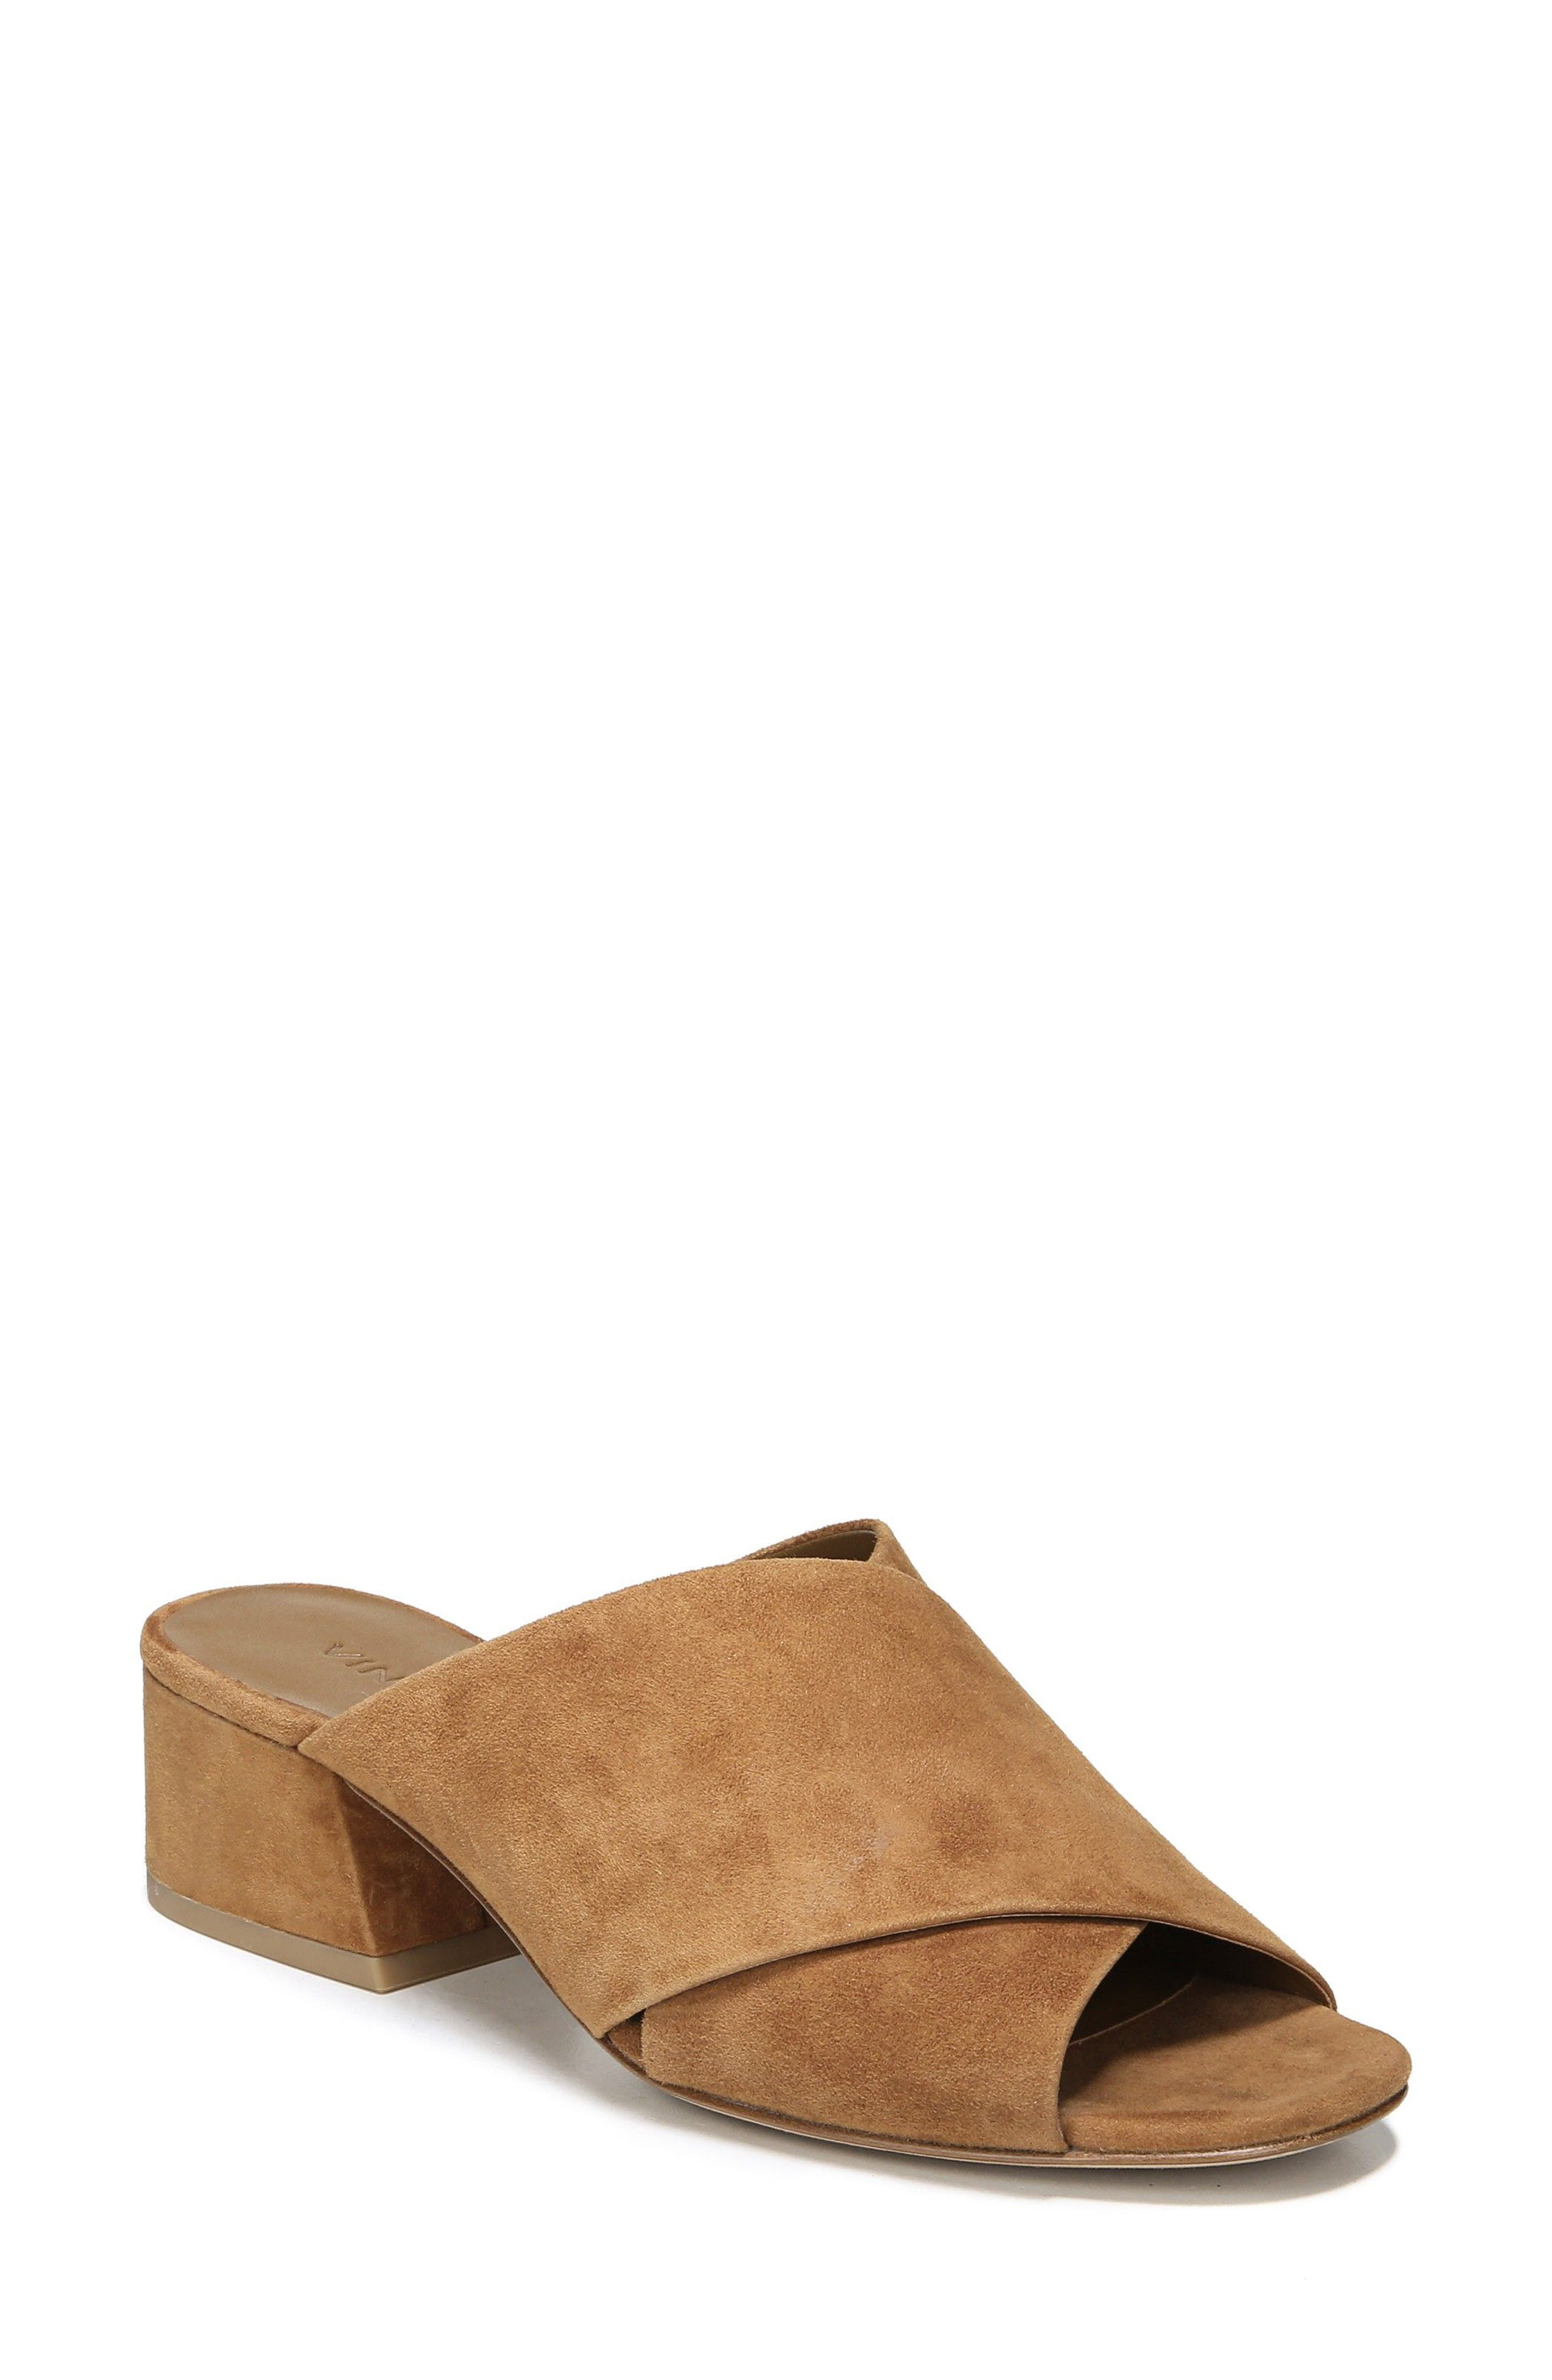 1995957b0f6 Vince Women S Karsen Suede Block Heel Slide Sandals In Tan